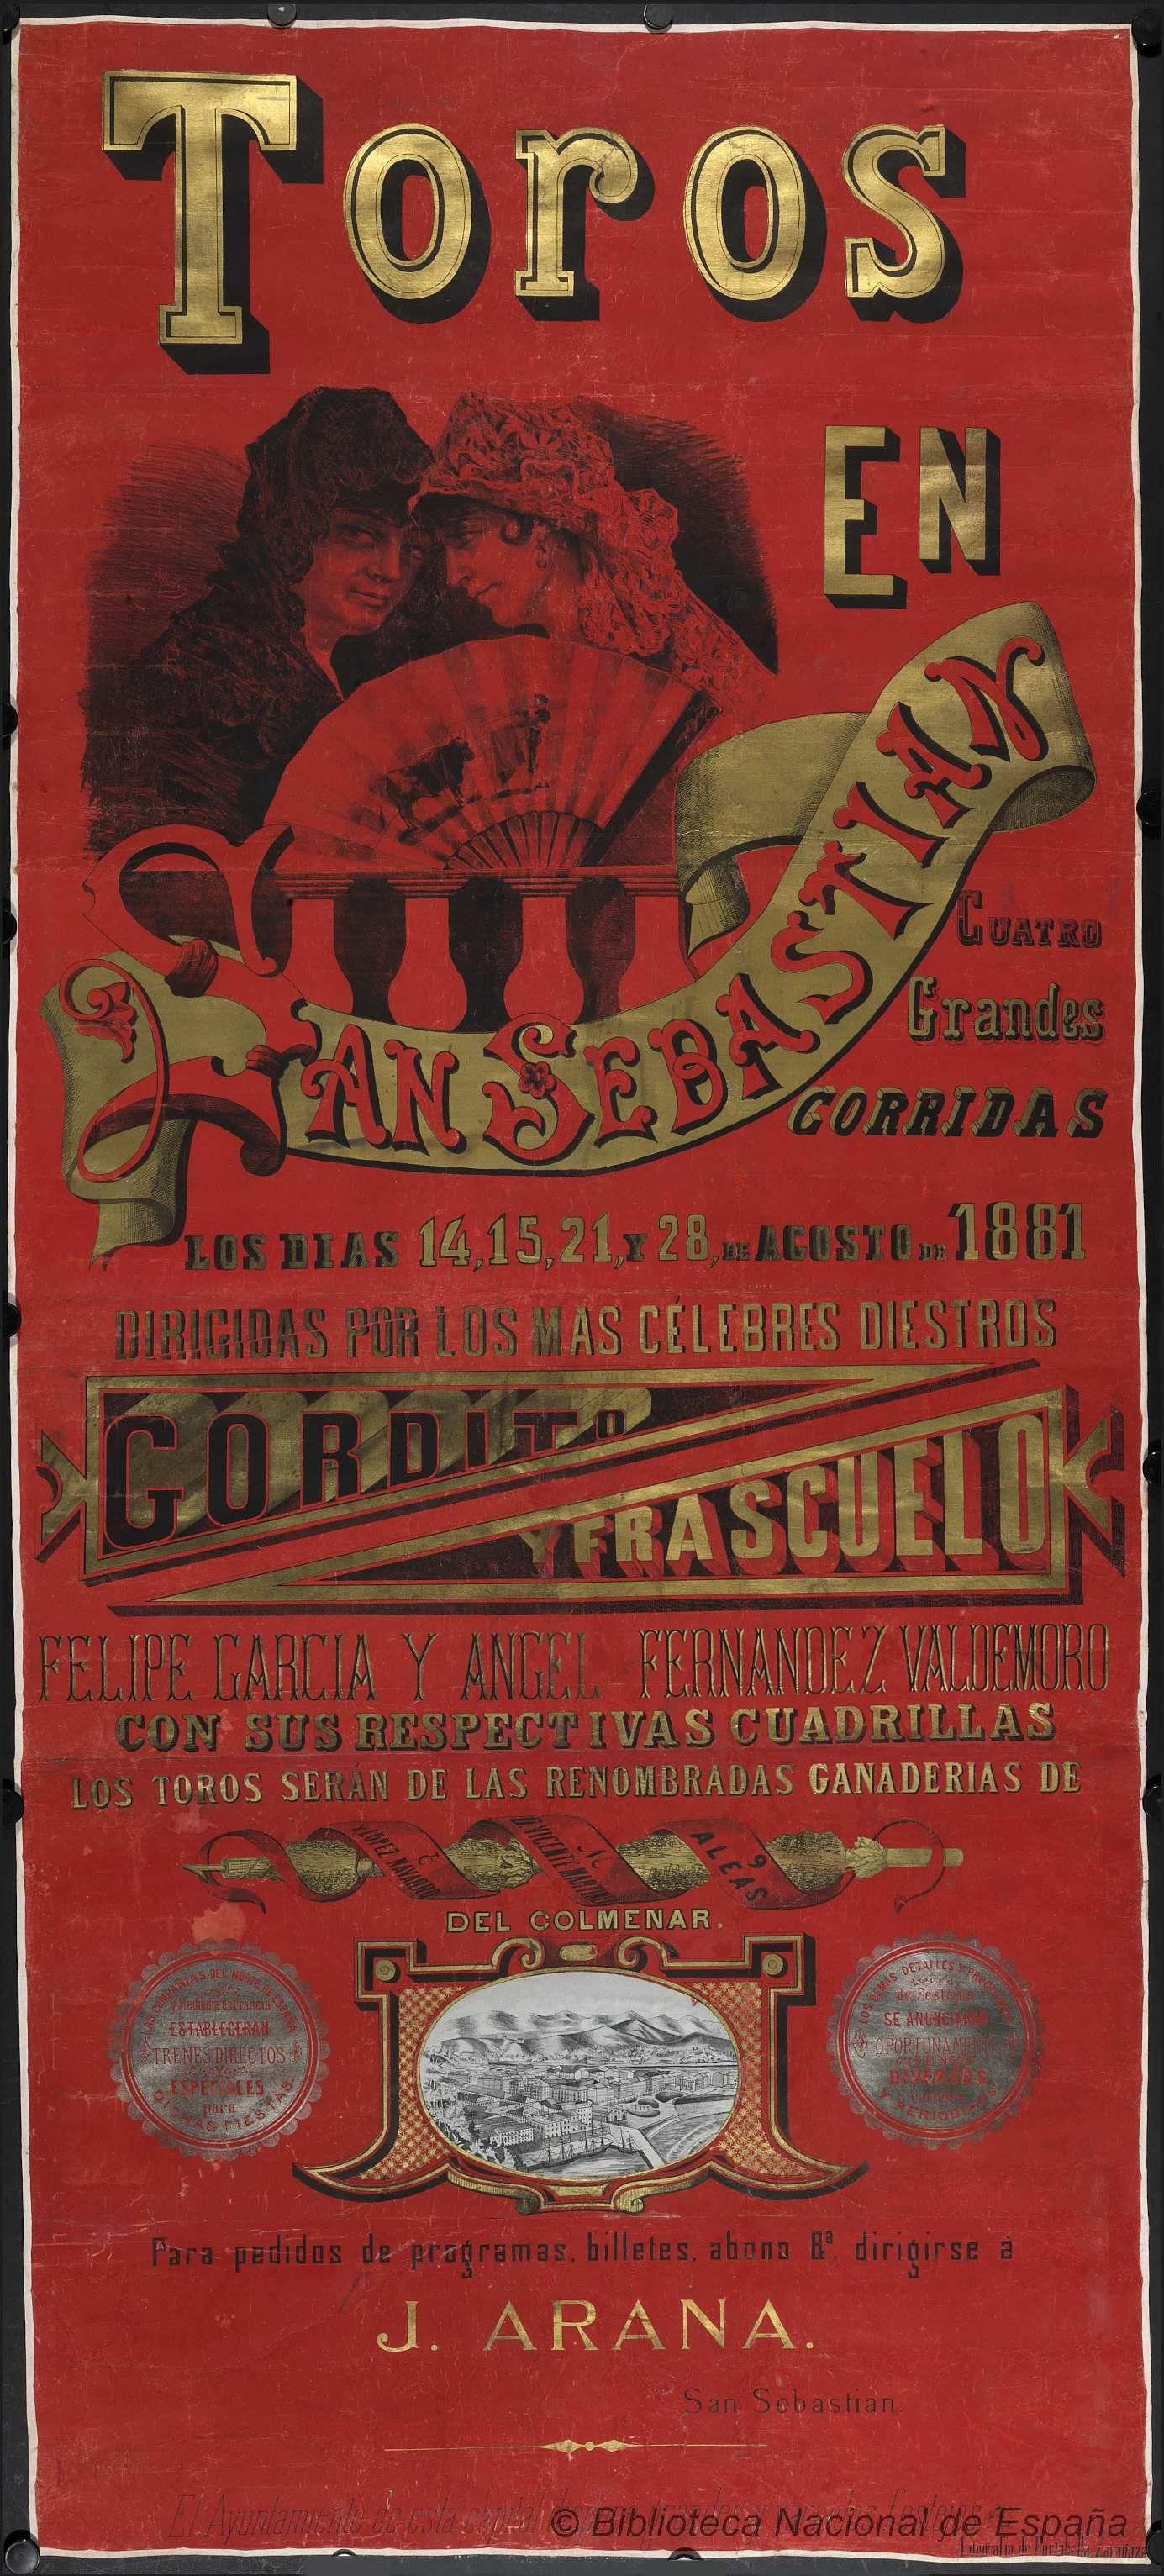 Cuatro Grandes Corridas Vintage Posters Propaganda Posters Poster